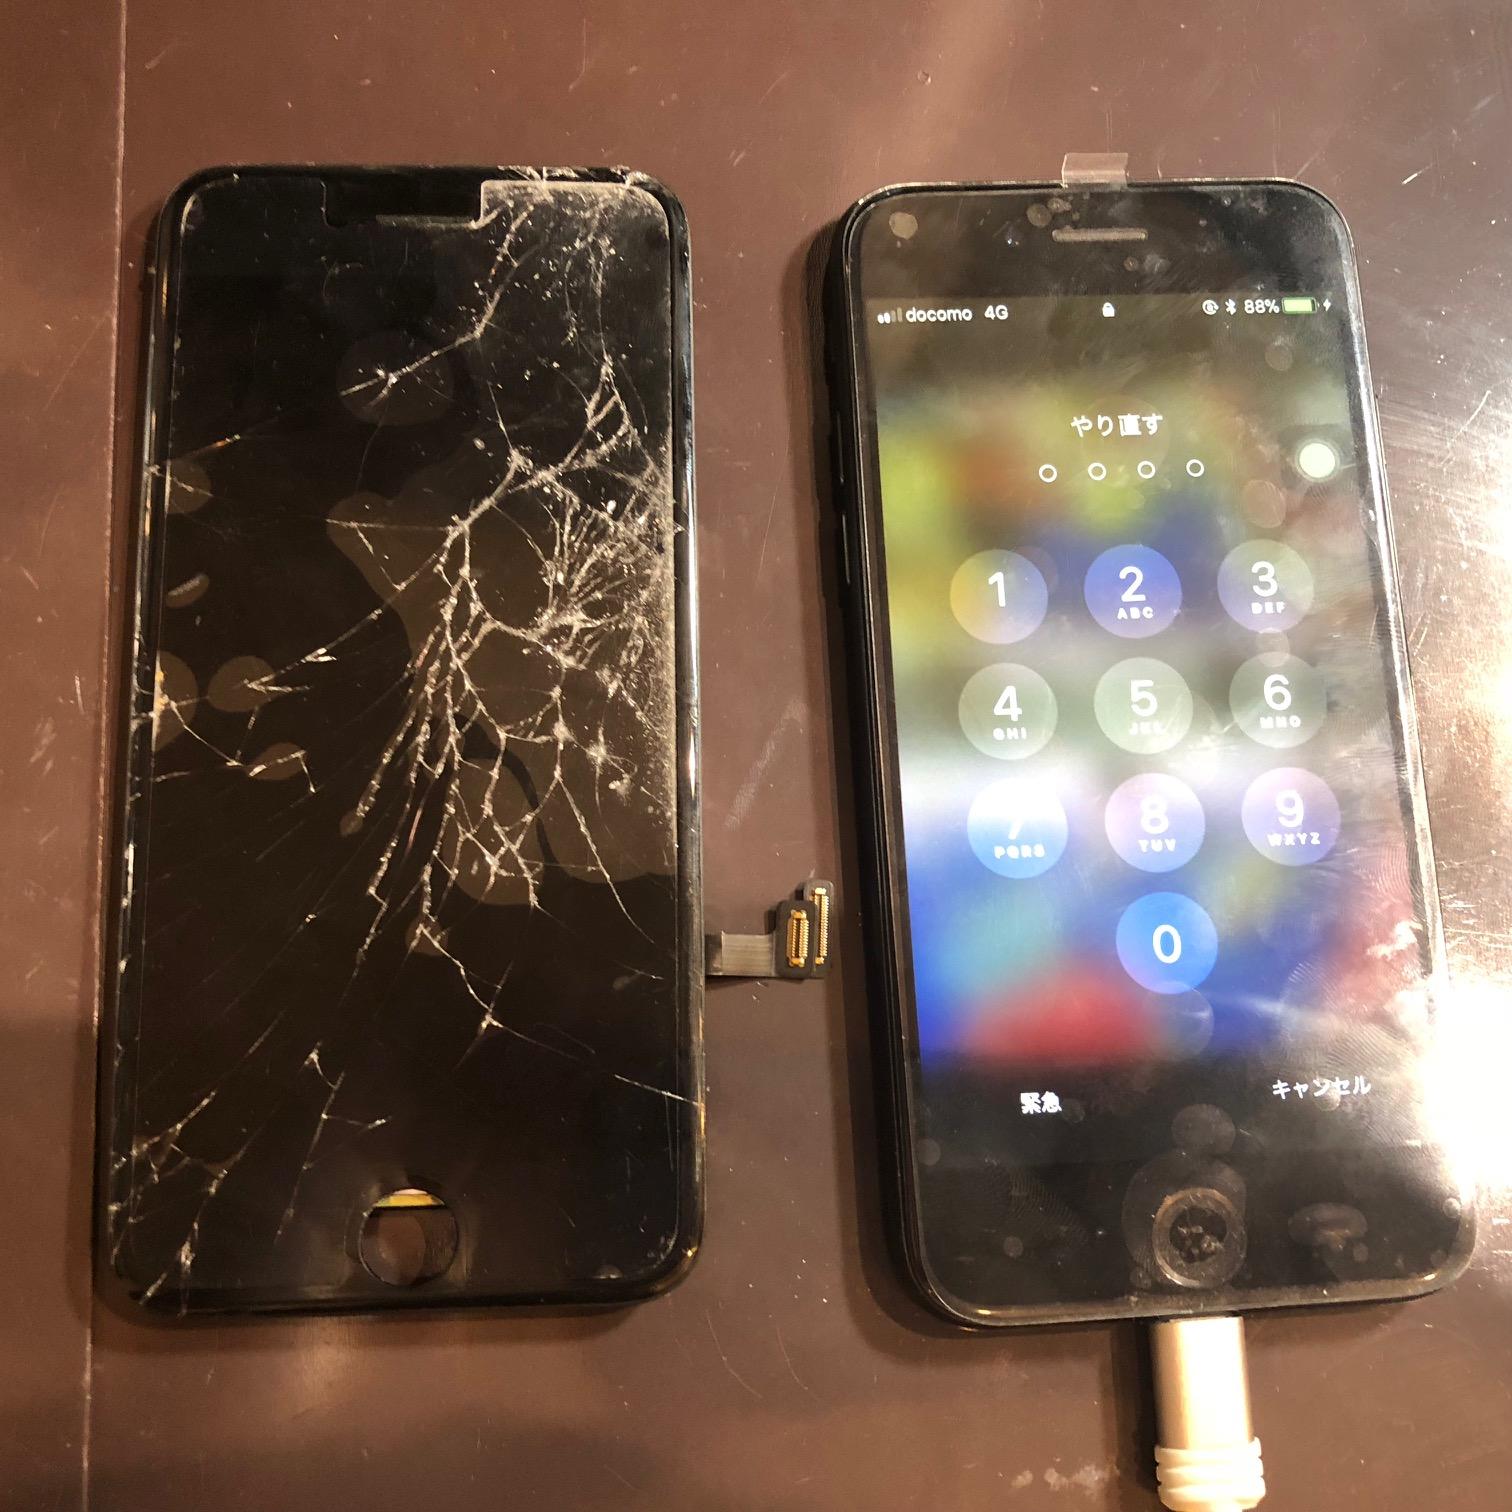 【iPhone修理】アイホン7の液晶・ガラス交換ならスマートクールつかしん店におまかせください!サクっと即日修理が可能!〔尼崎・伊丹・川西・宝塚・塚口〕